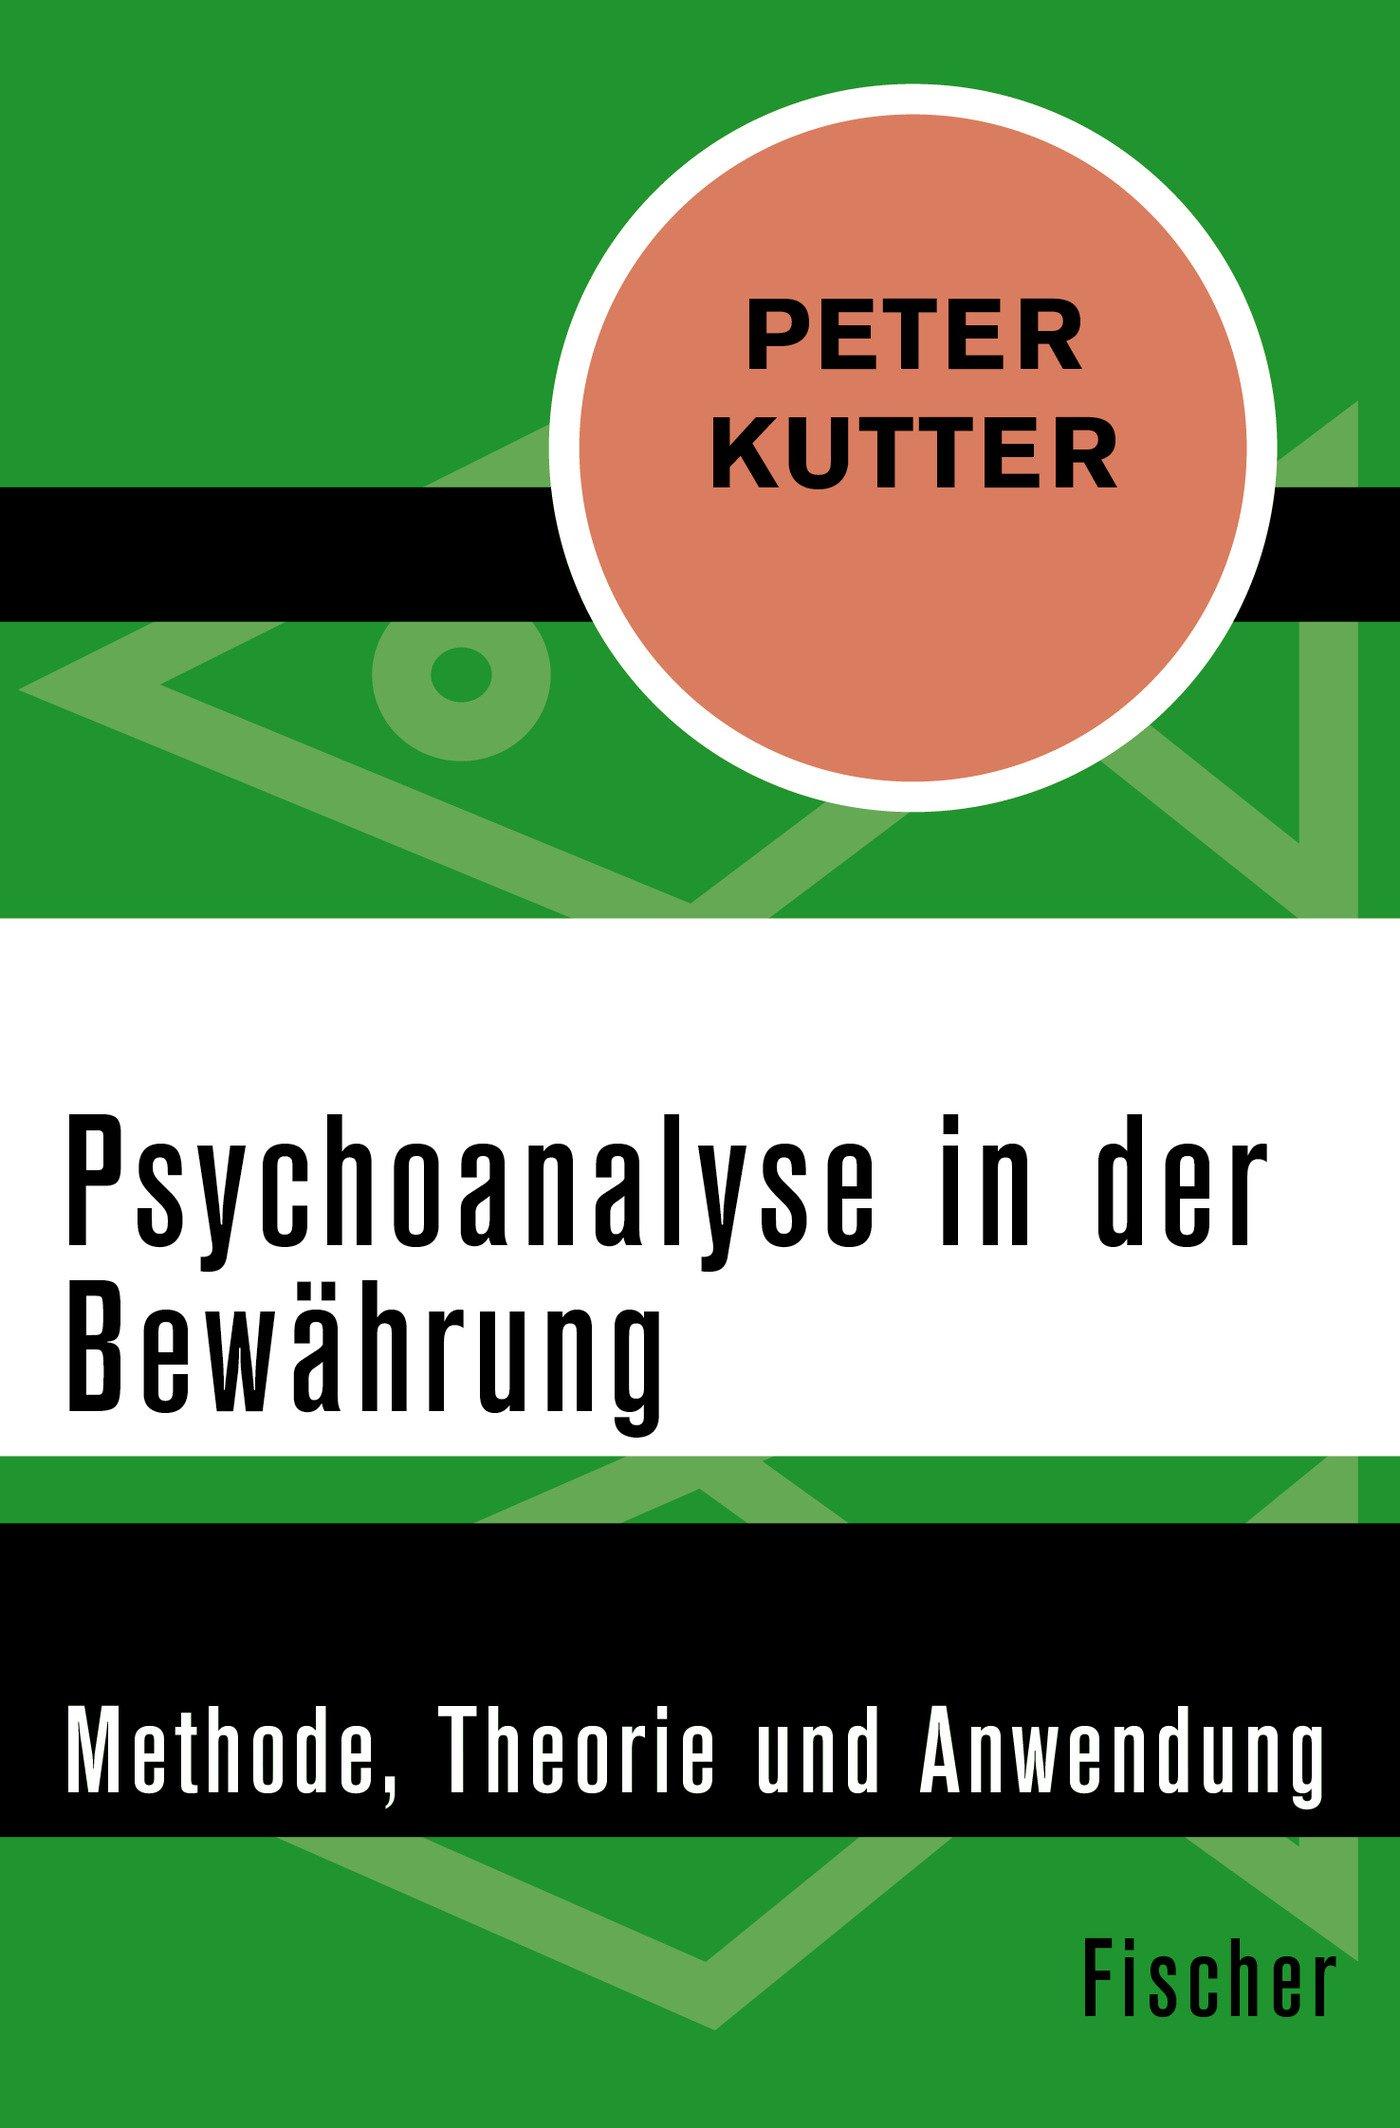 Psychoanalyse in der Bewährung: Methode, Theorie und Anwendung